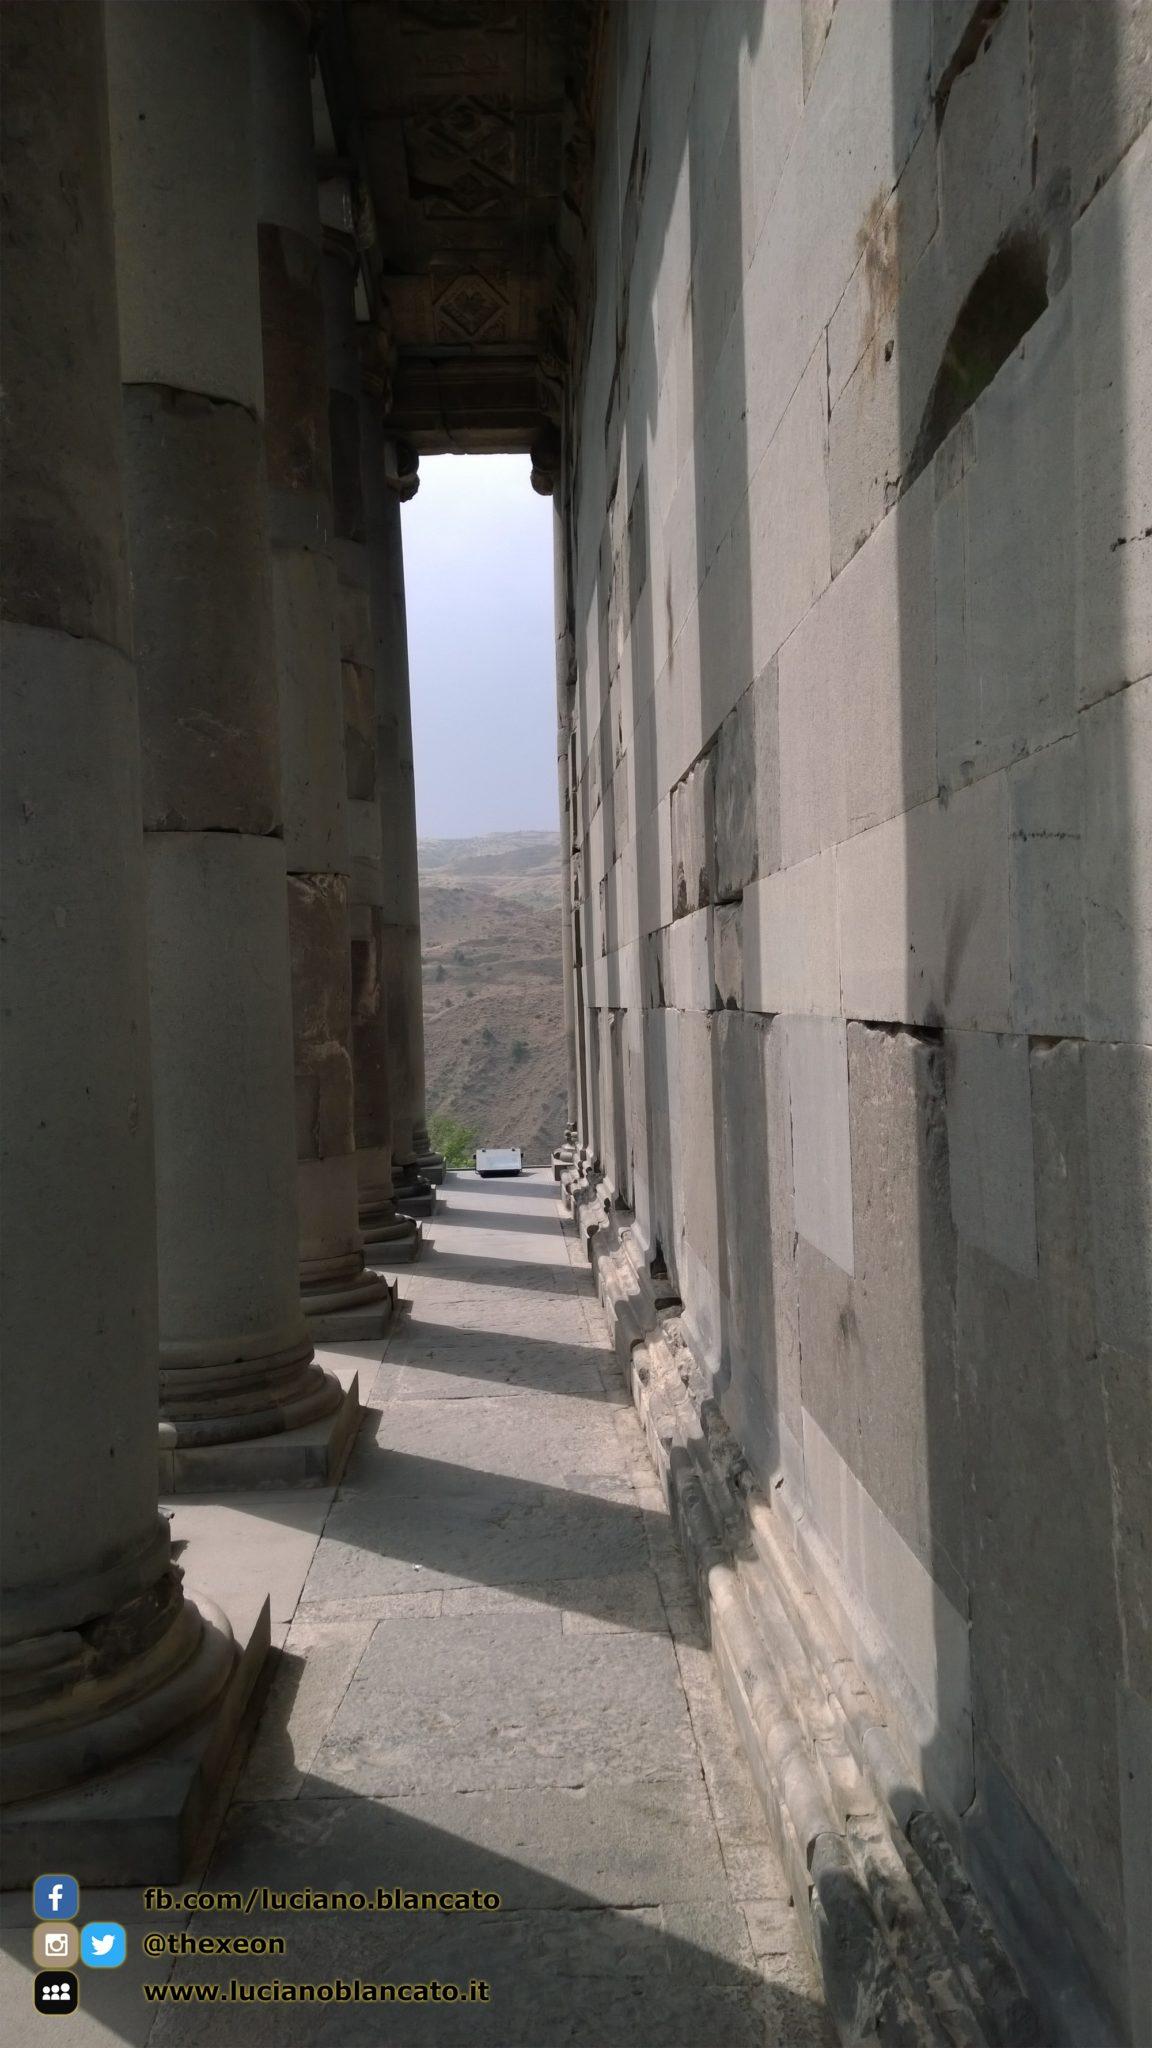 Erevan - 2014 - Foto n. 0019